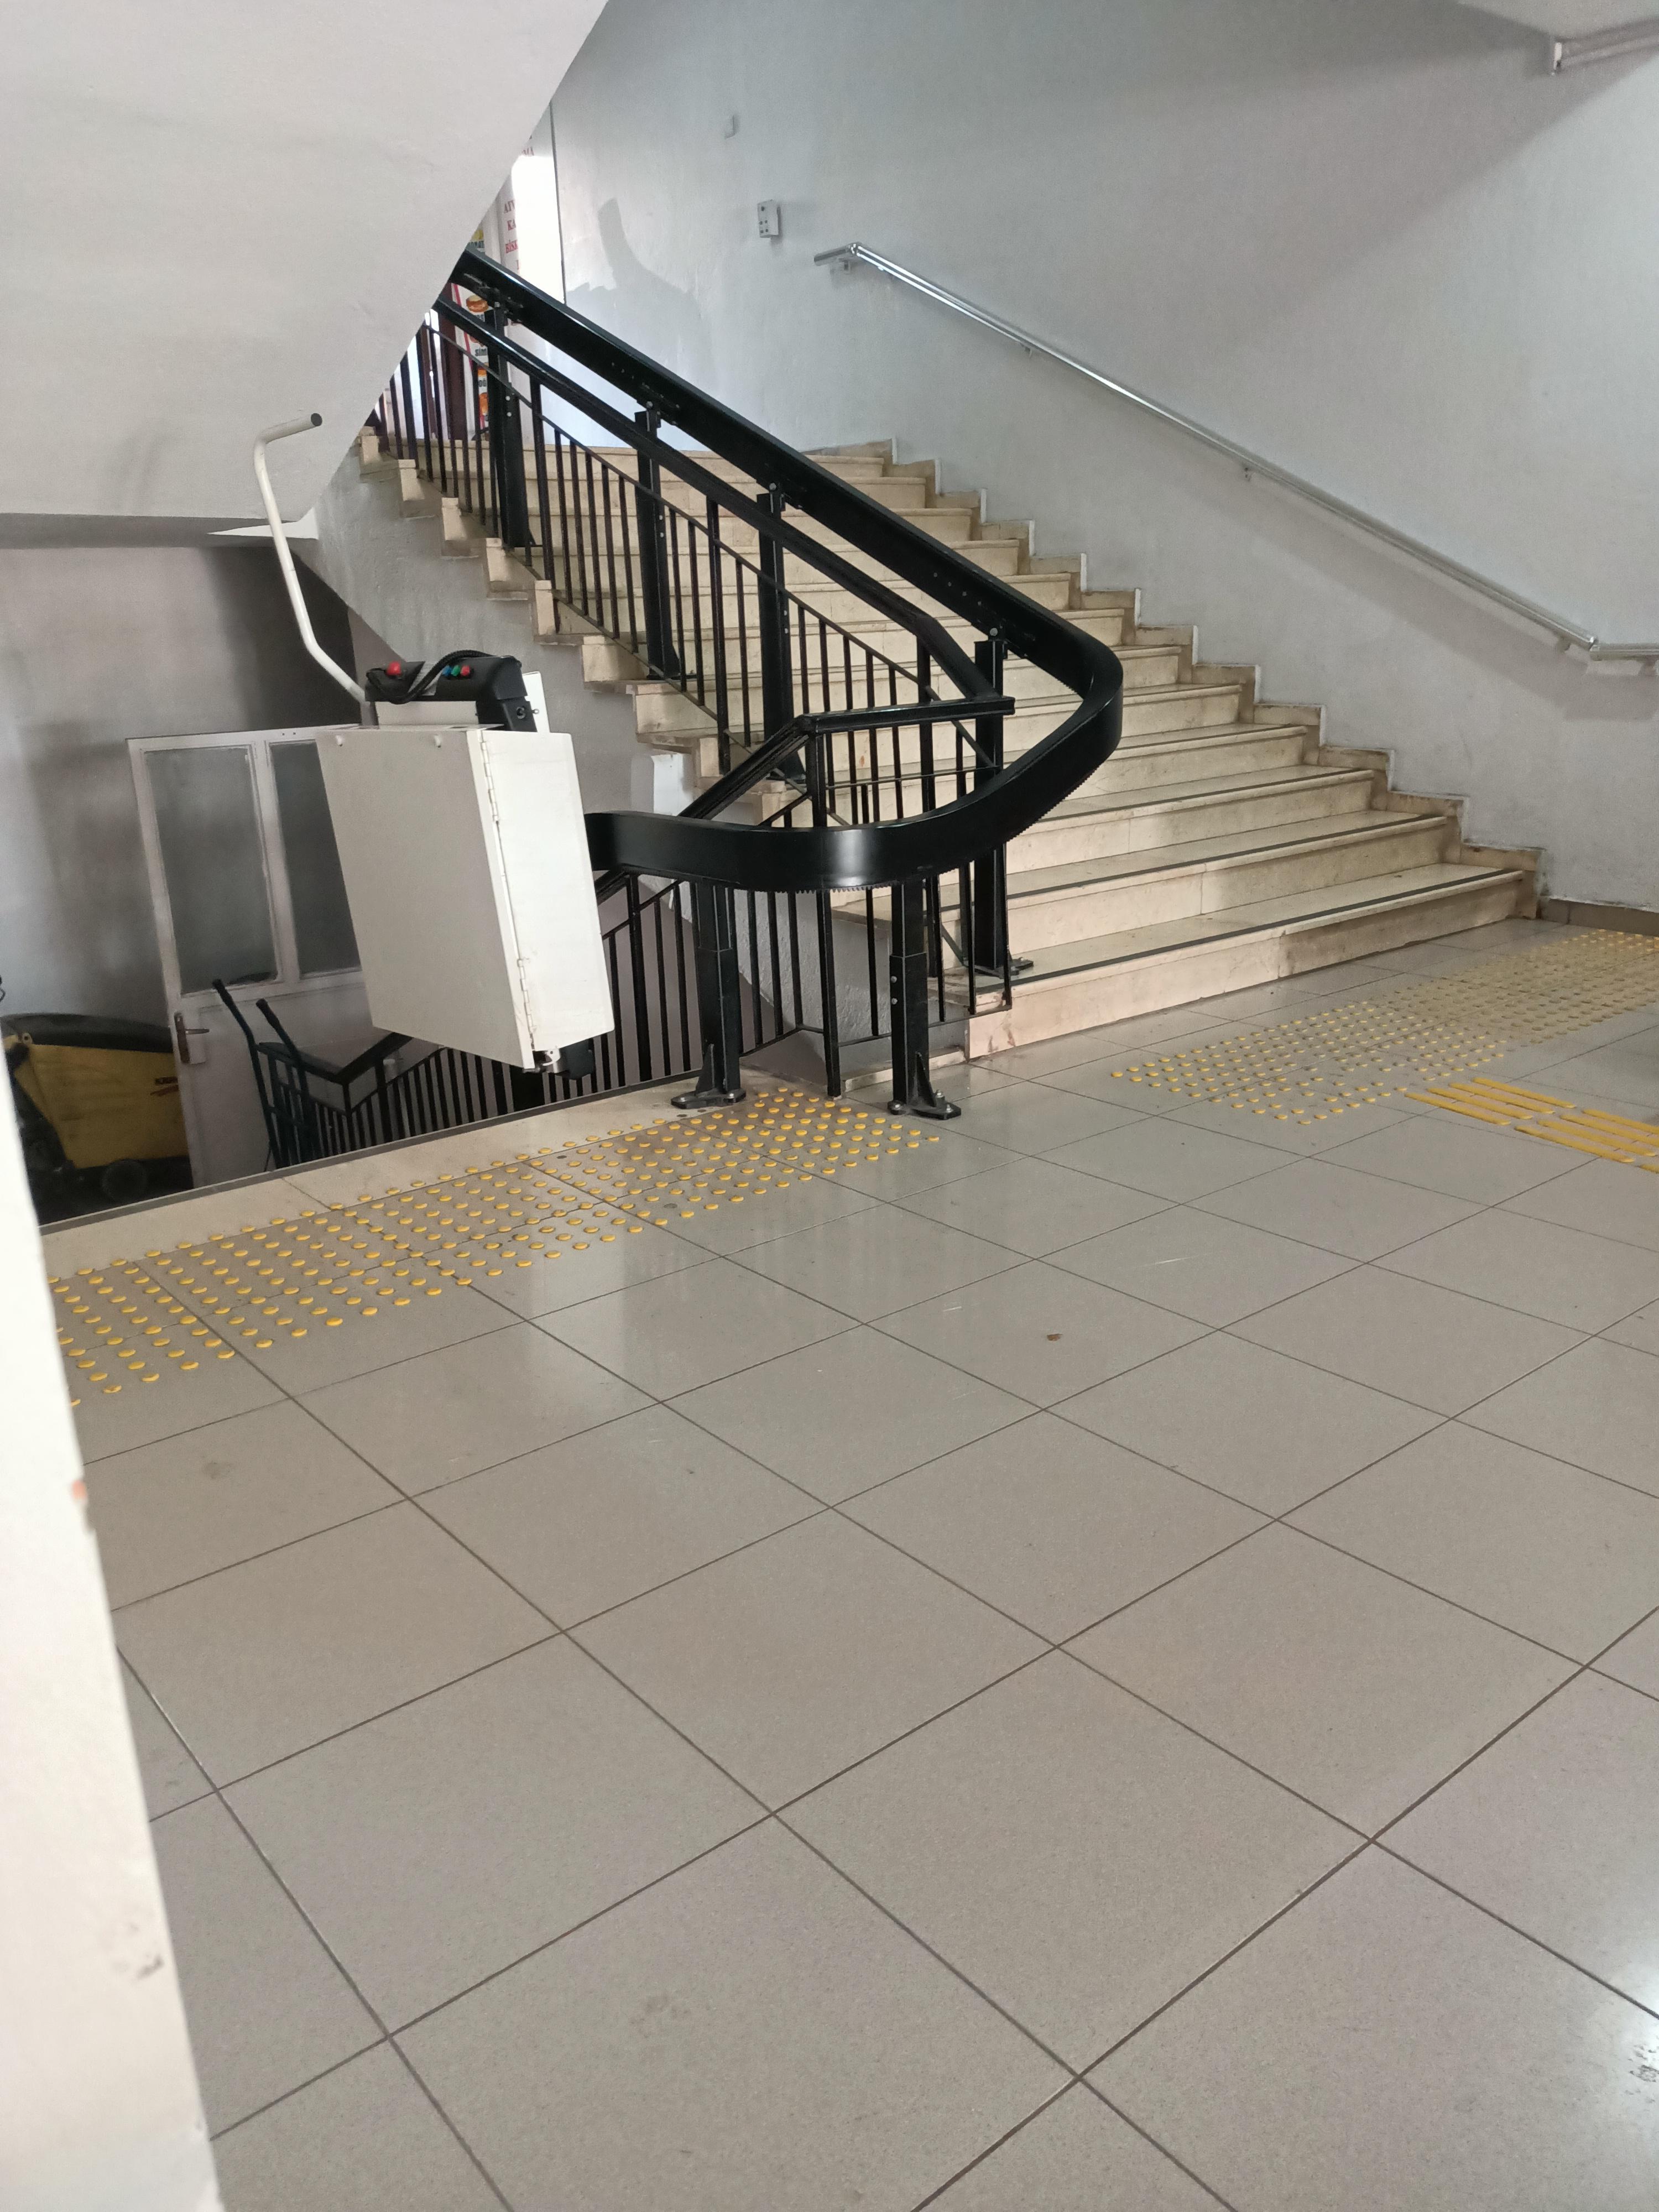 Balıkesir Burhaniye adliye binasındaki engelli asansörü aylardır arızalı ust kattaki işlemleri gerçekleştiremiyoruz